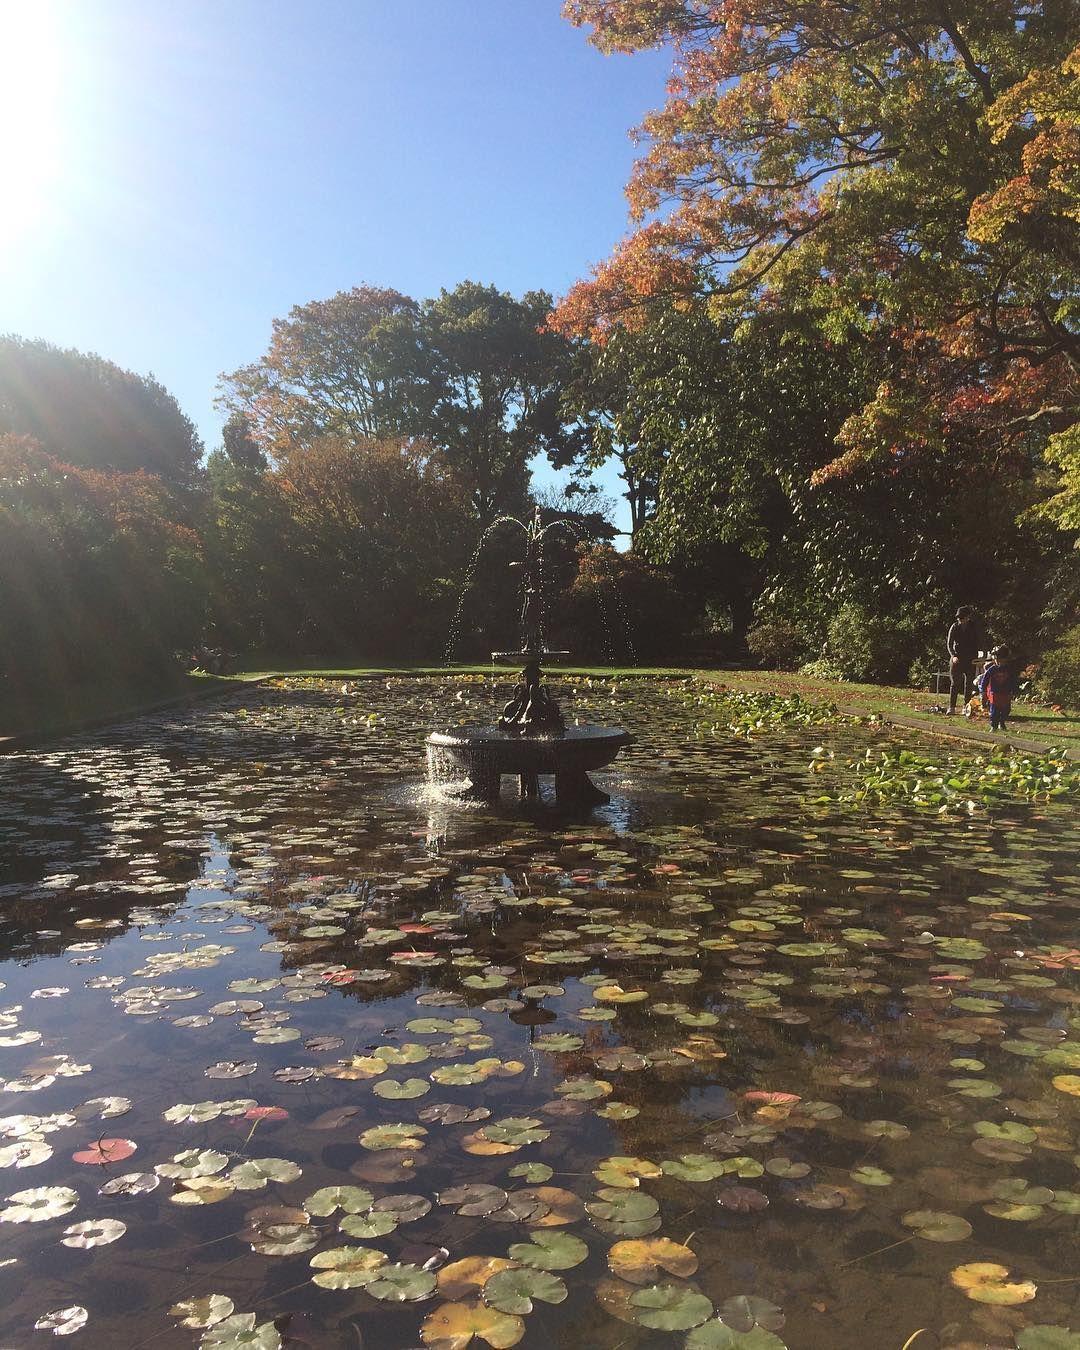 Lotus pond. #pond #lotus #water #lily #park #walk #garden #explore ...